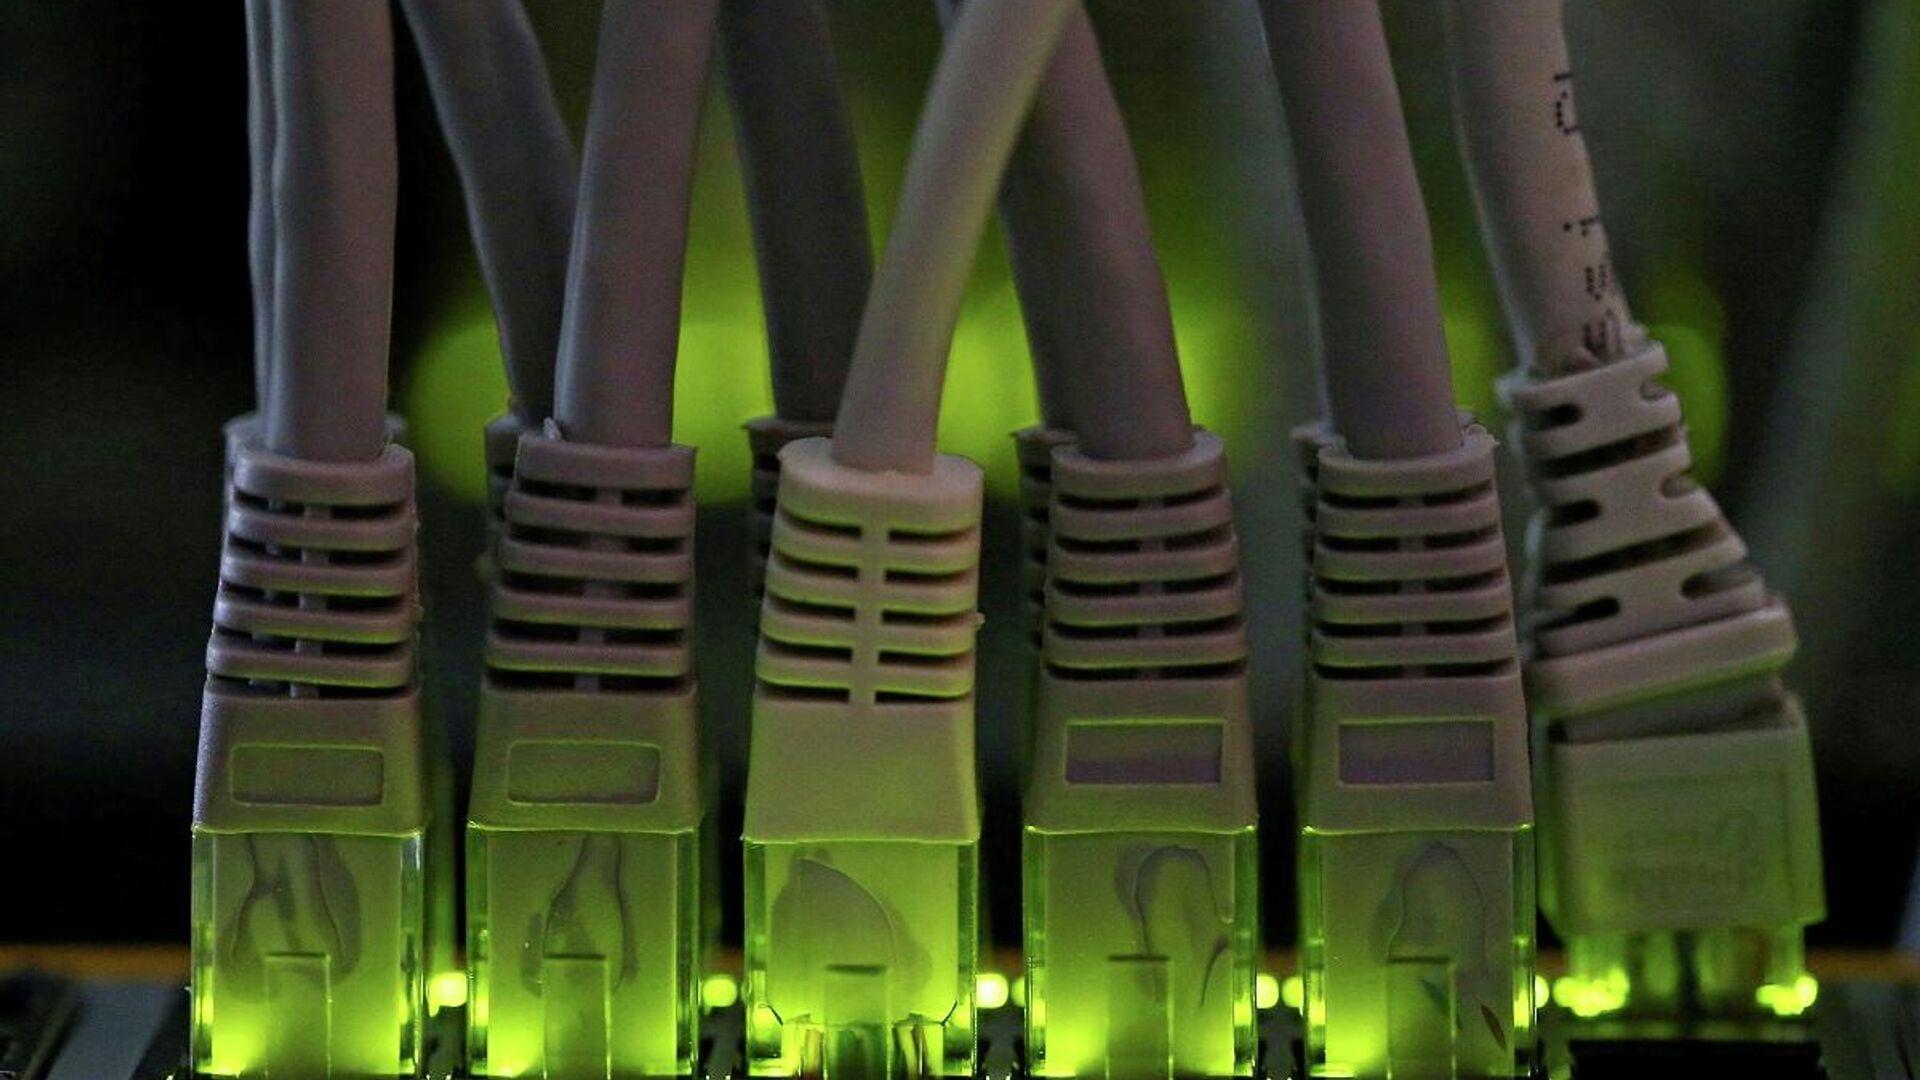 Los cables de la red LAN conectados a un servidor informático de minería de criptomonedas - Sputnik Mundo, 1920, 31.05.2021